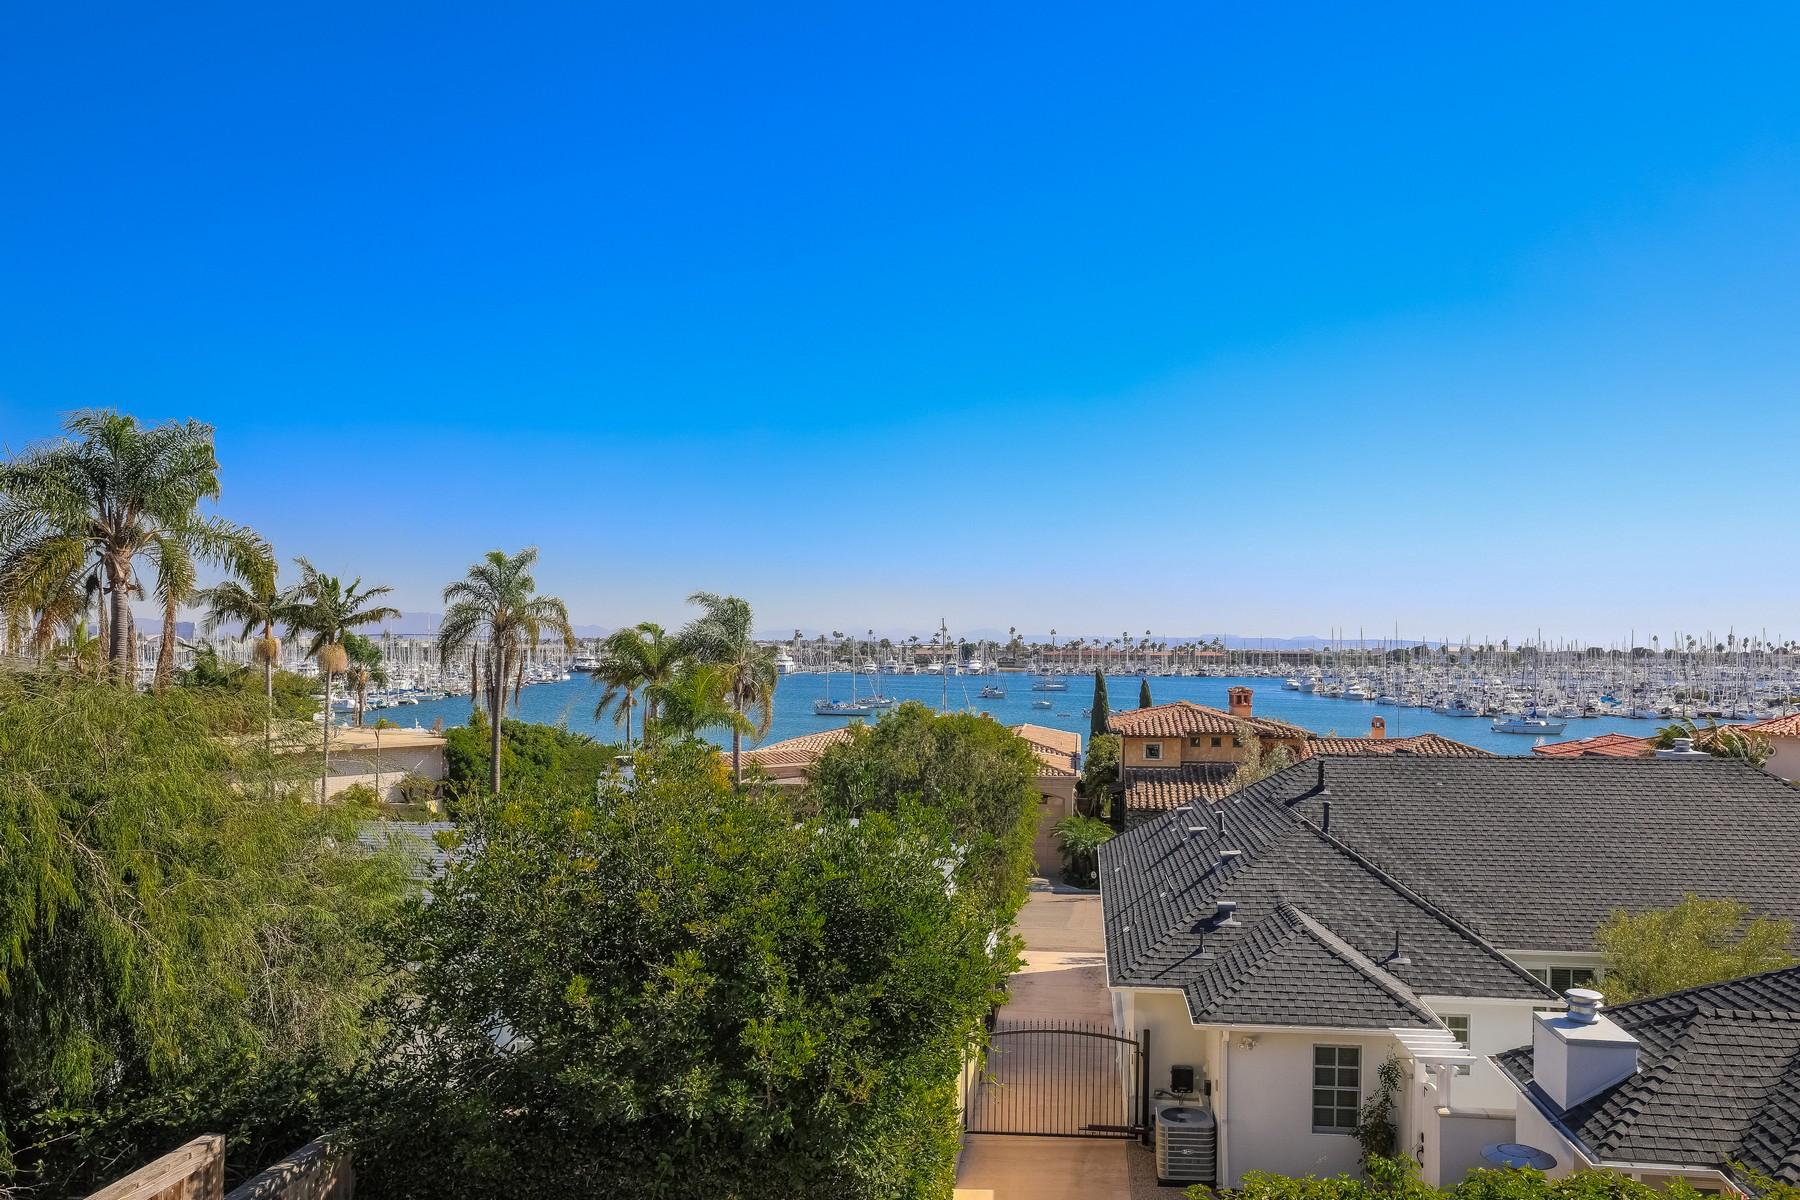 Casa Unifamiliar por un Venta en 885 Rosecrans 885 Rosecrans St San Diego, California, 92106 Estados Unidos